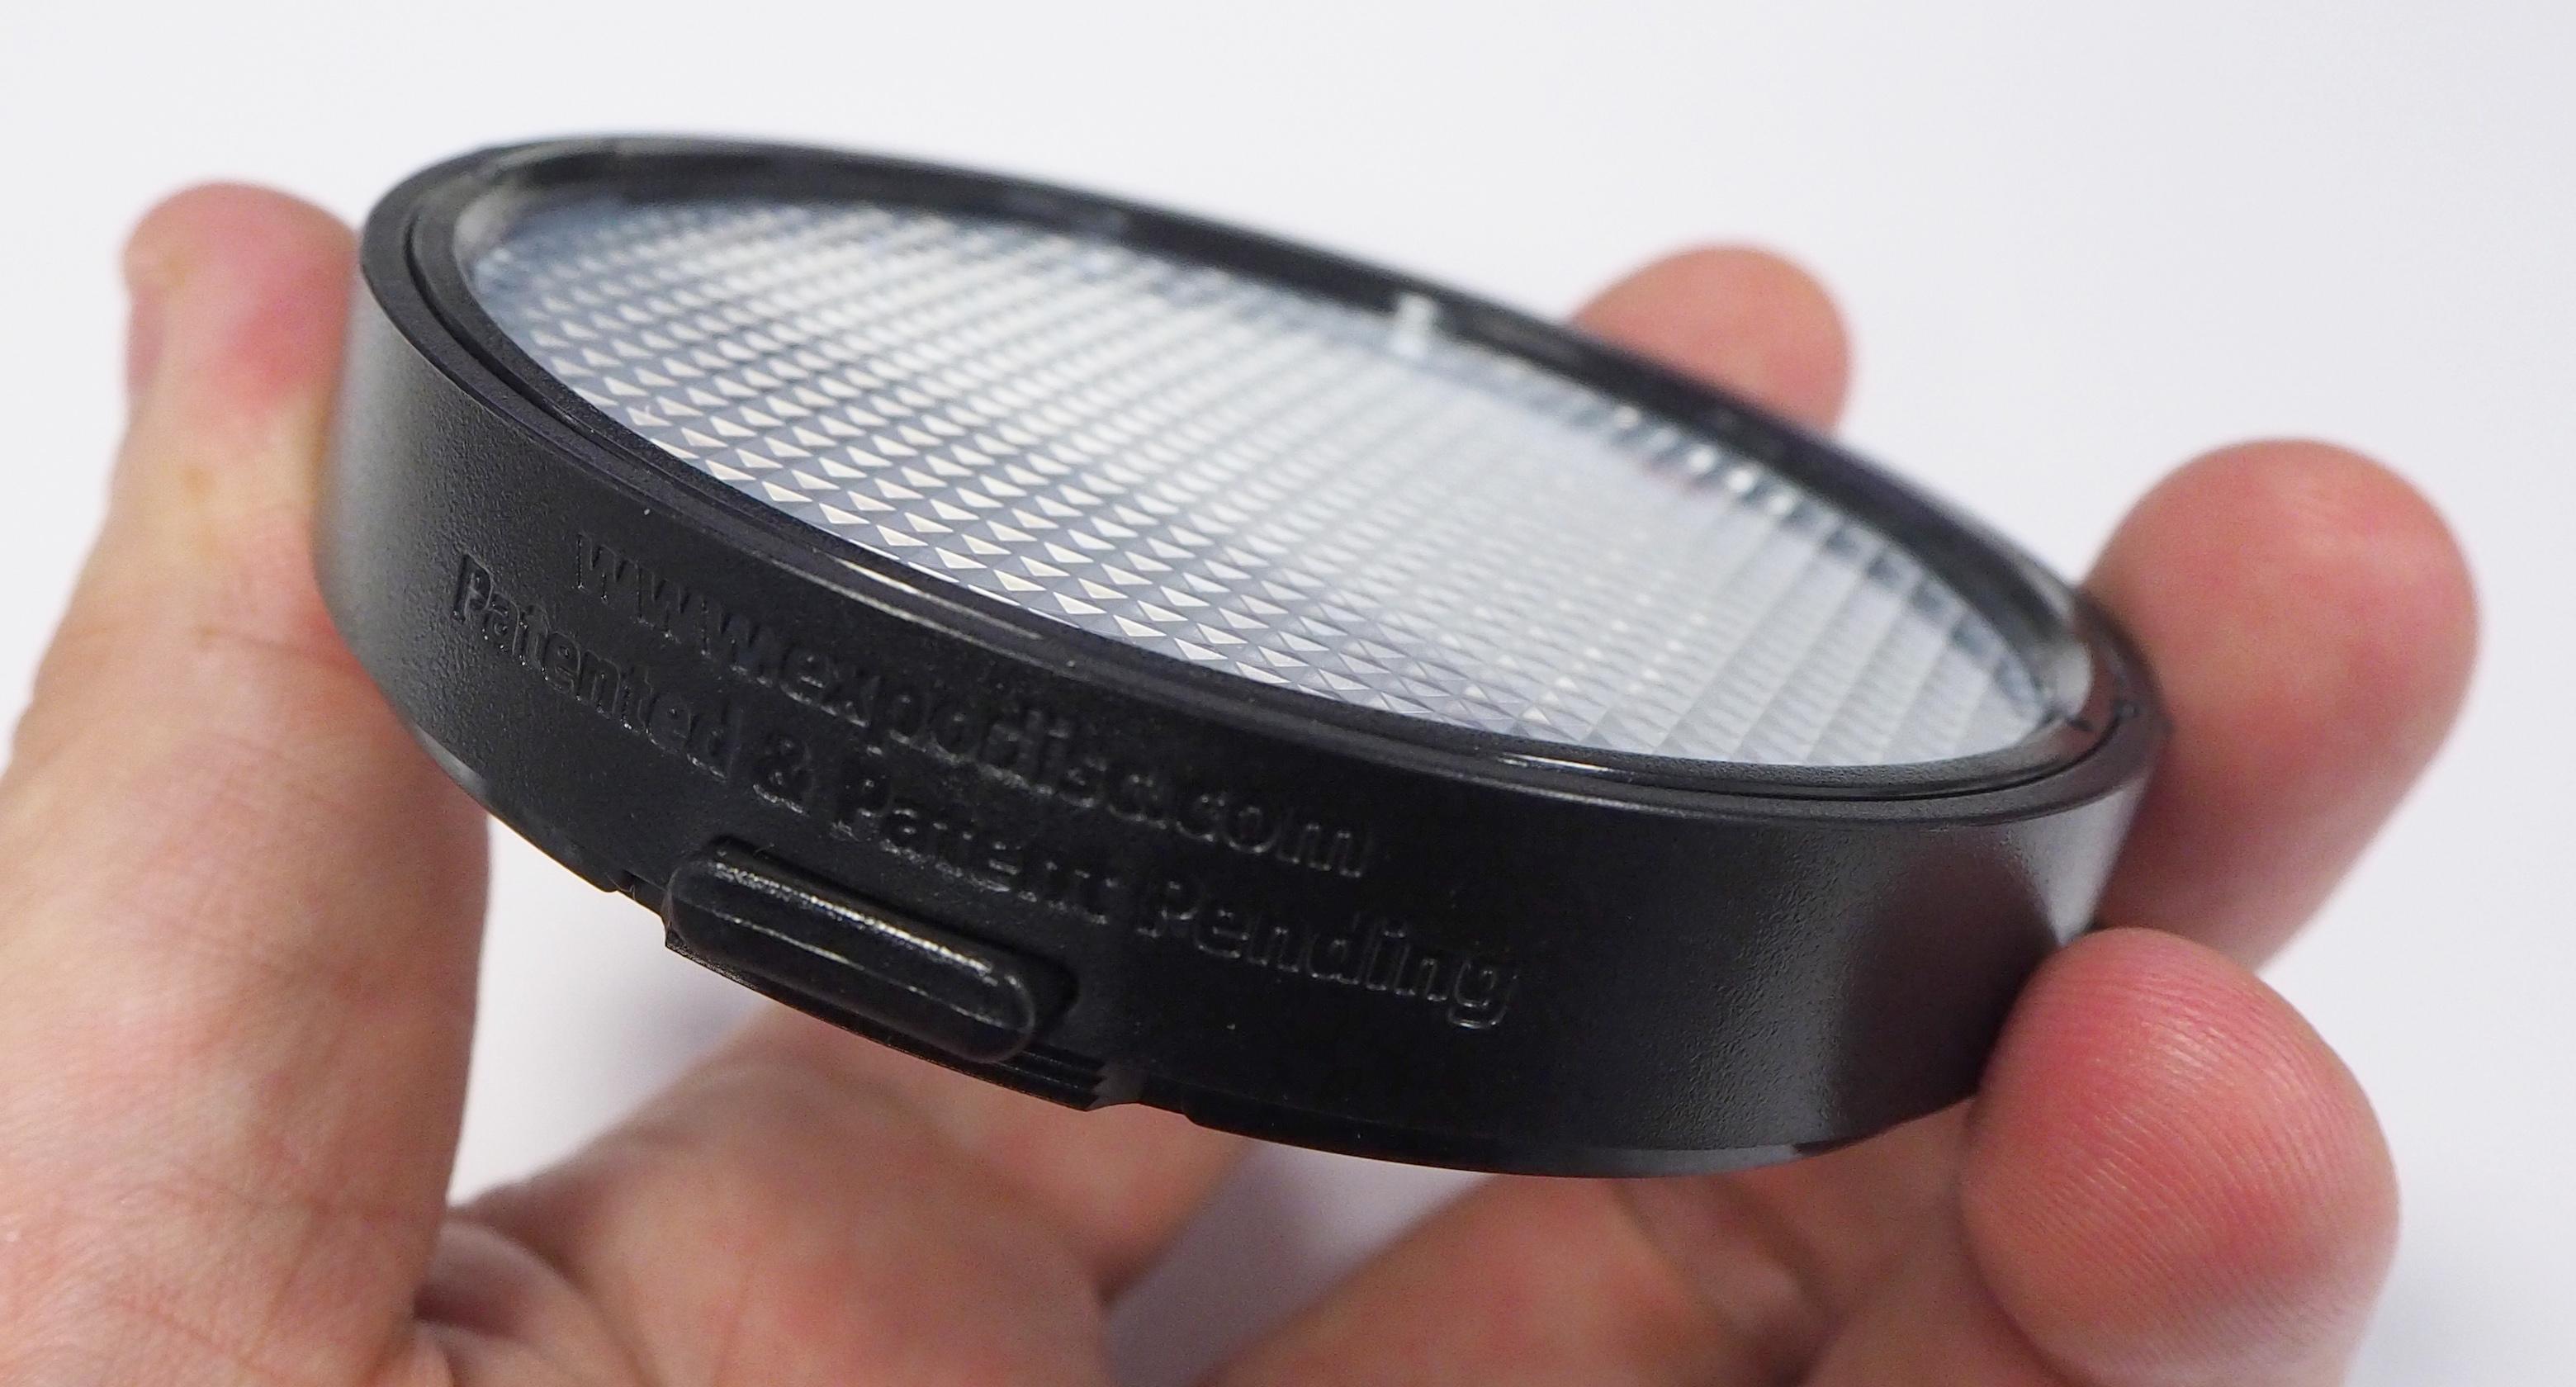 ExpoDisc 2 0 White Balance Filter Review | ePHOTOzine